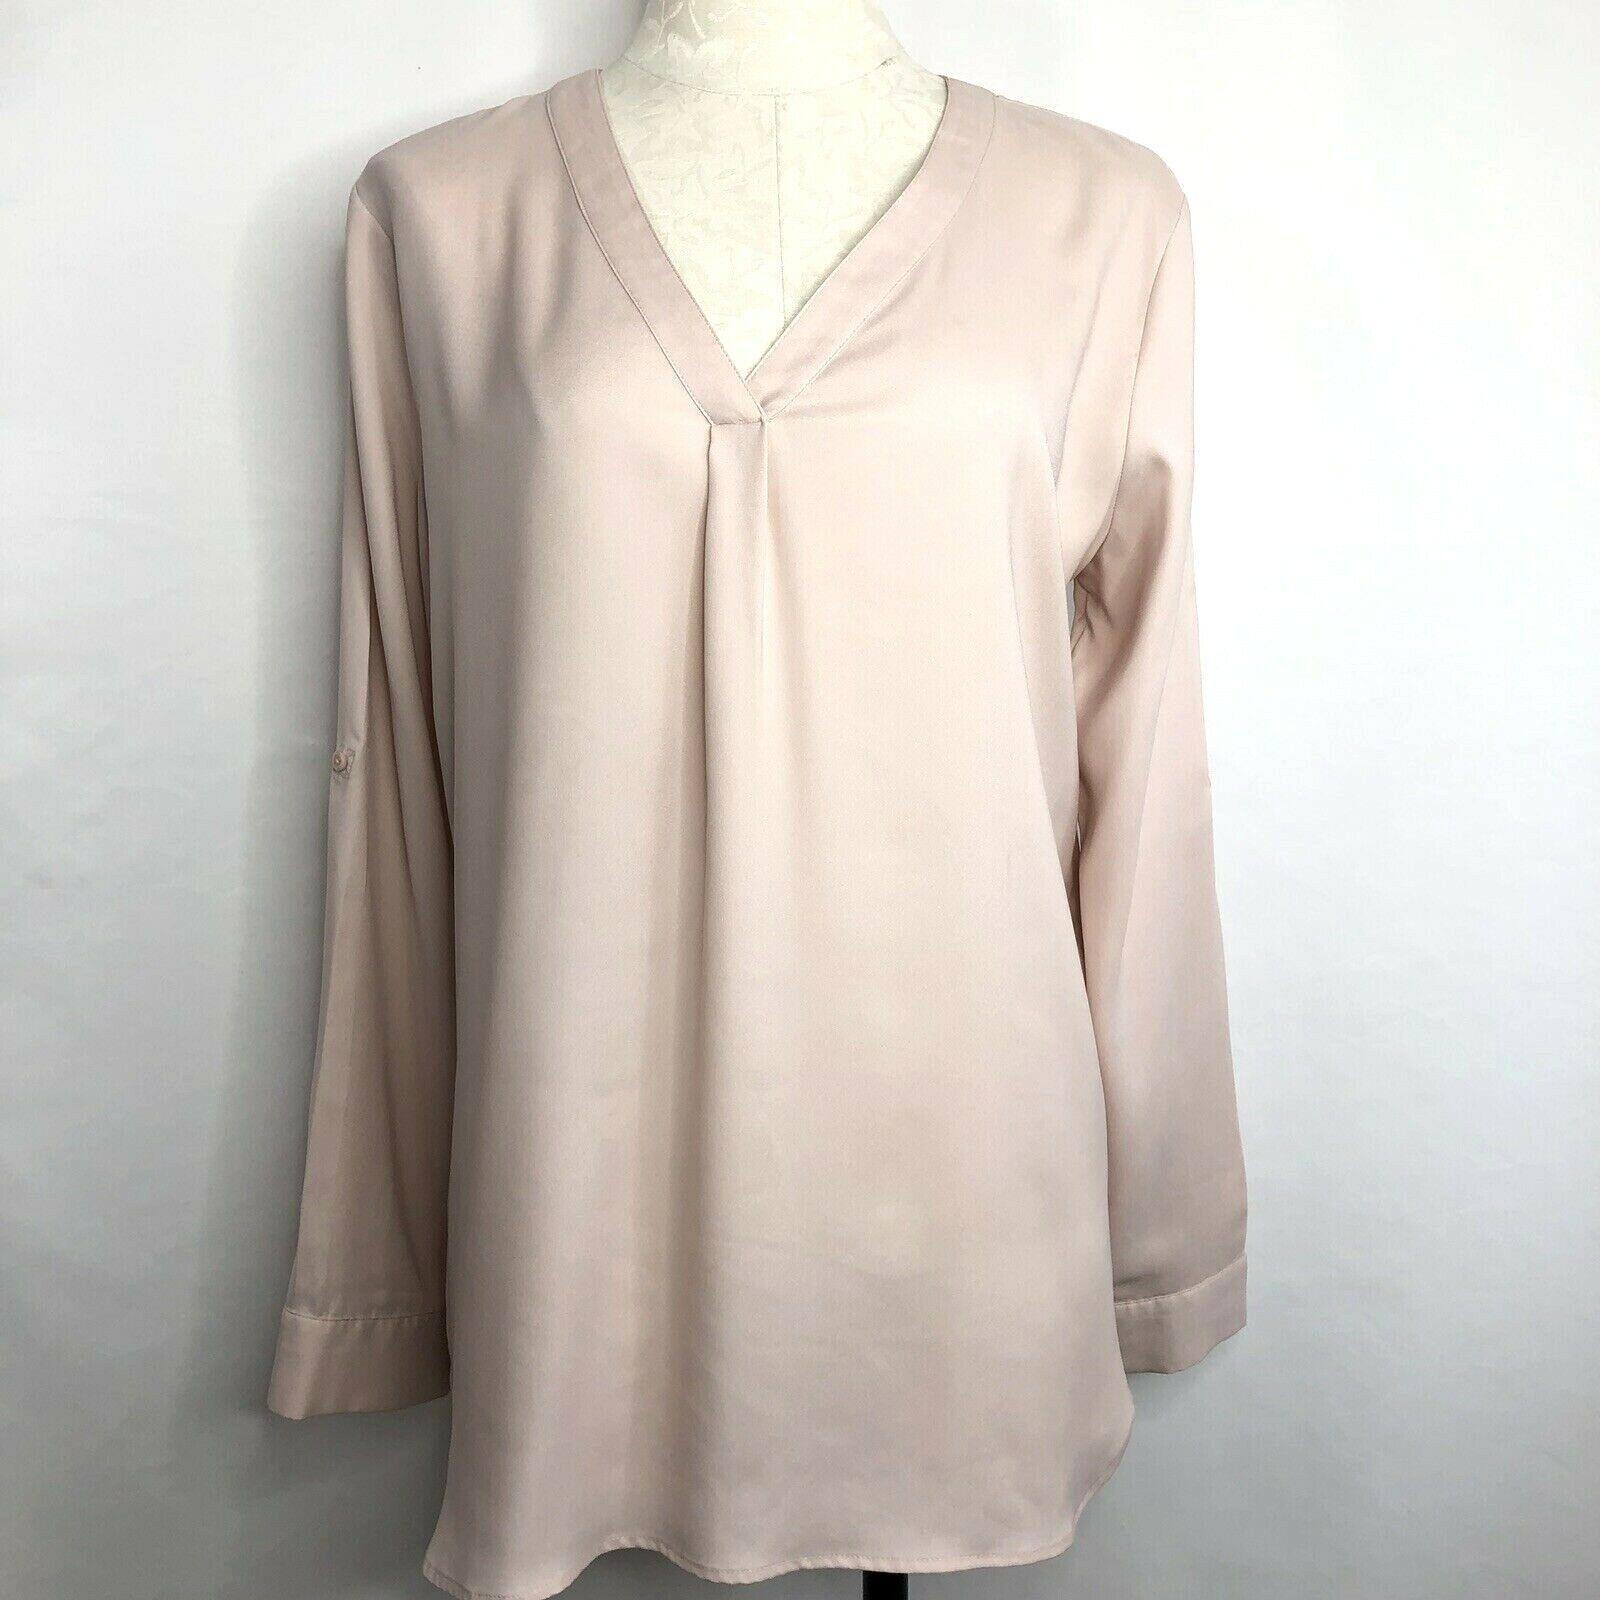 Ann Taylor Women's Tunic Long Sleeve Semi-Sheer Sz M Dusty pink